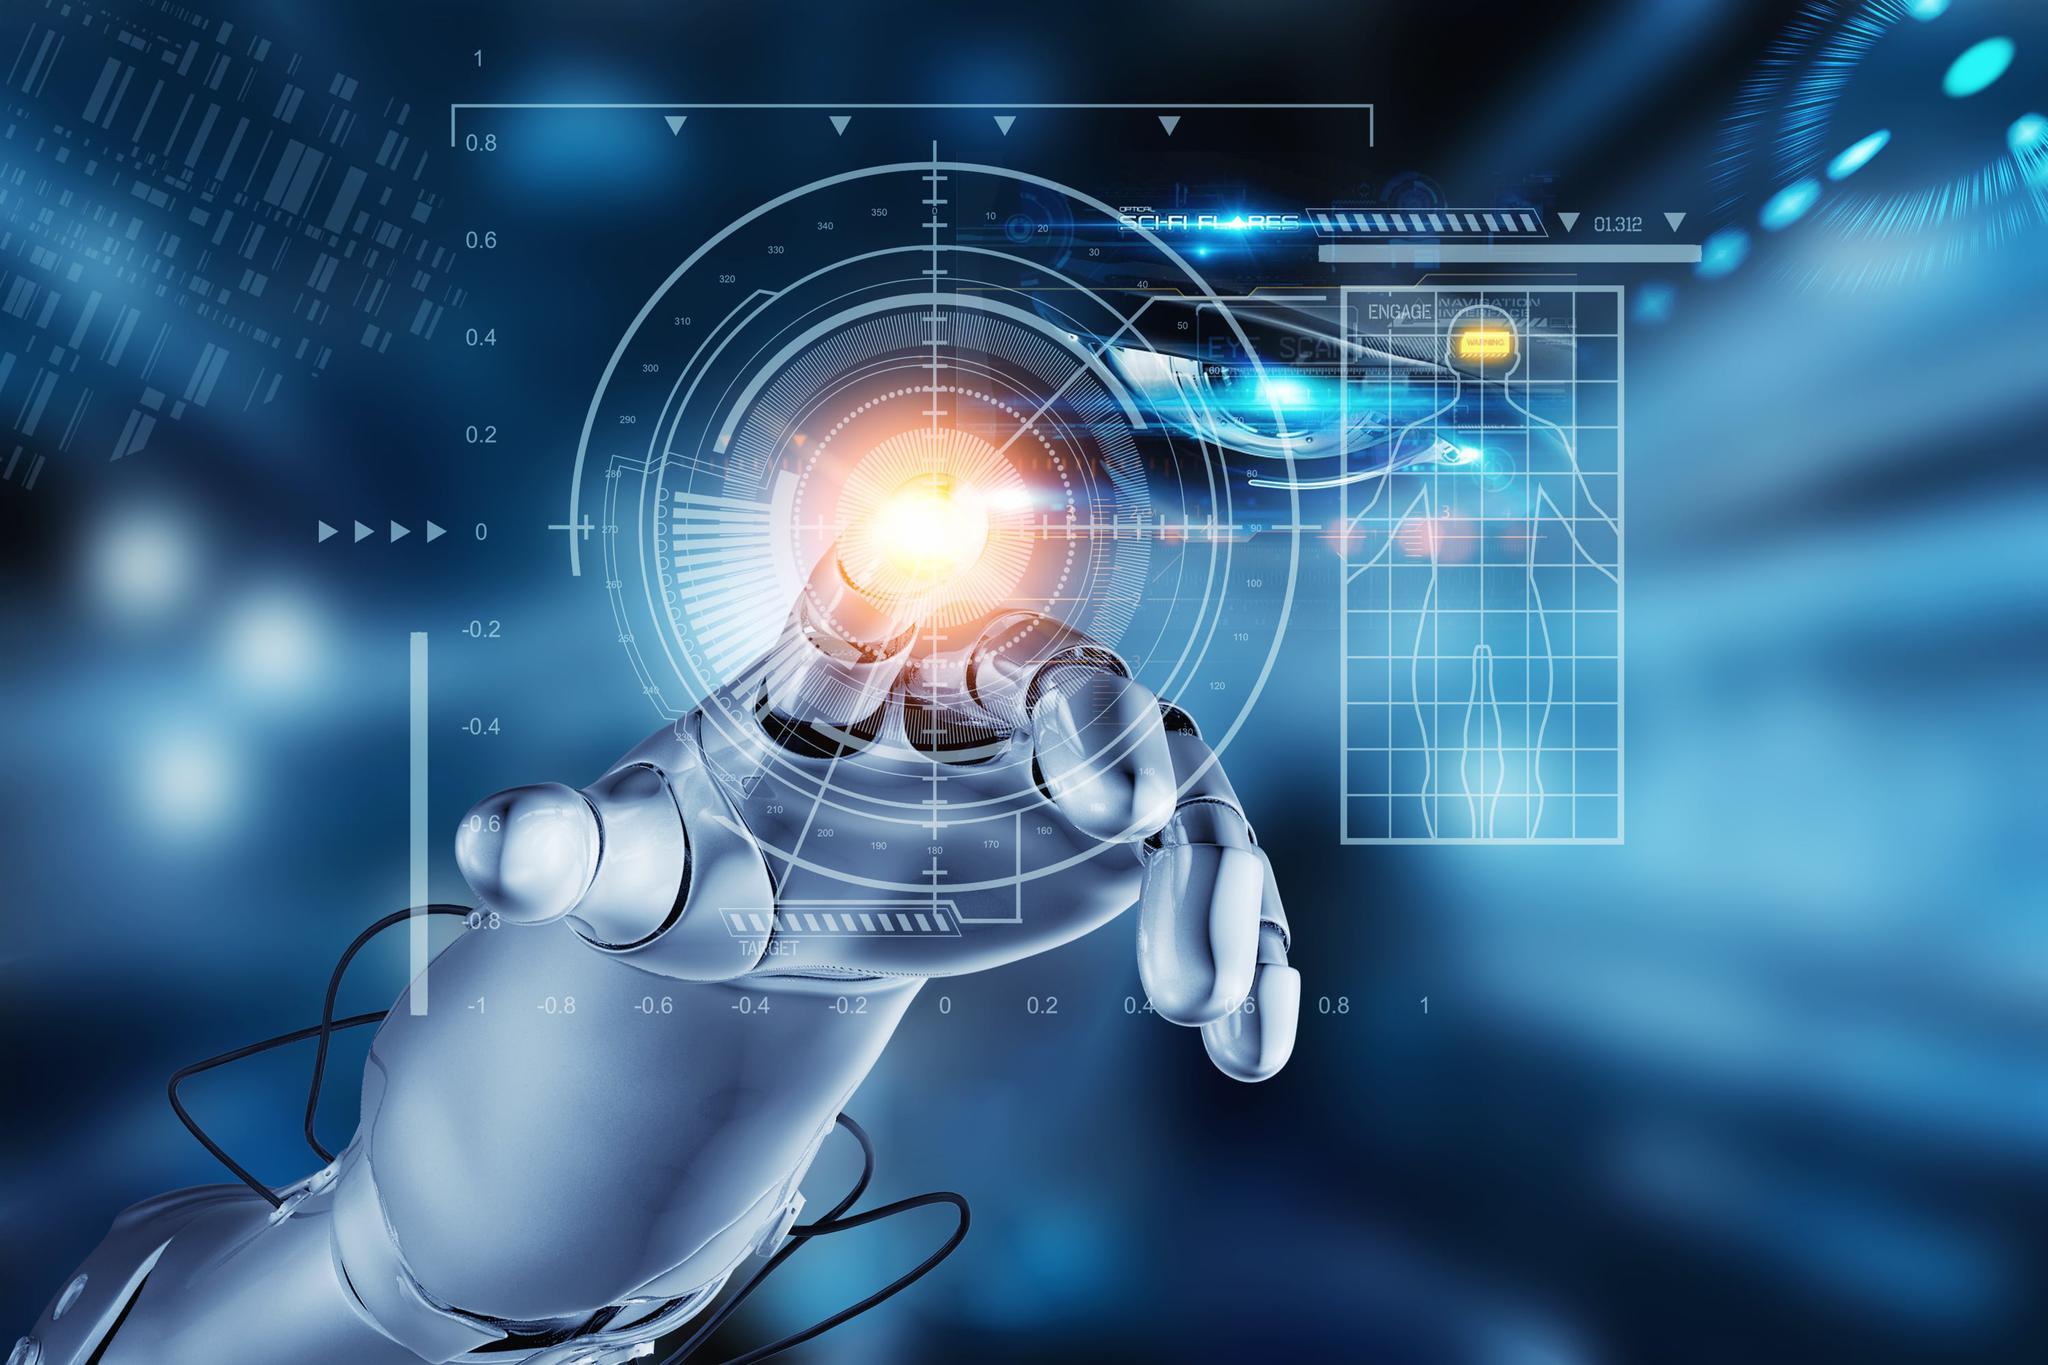 中科金推全智能客服系统 客户服务价值最大化